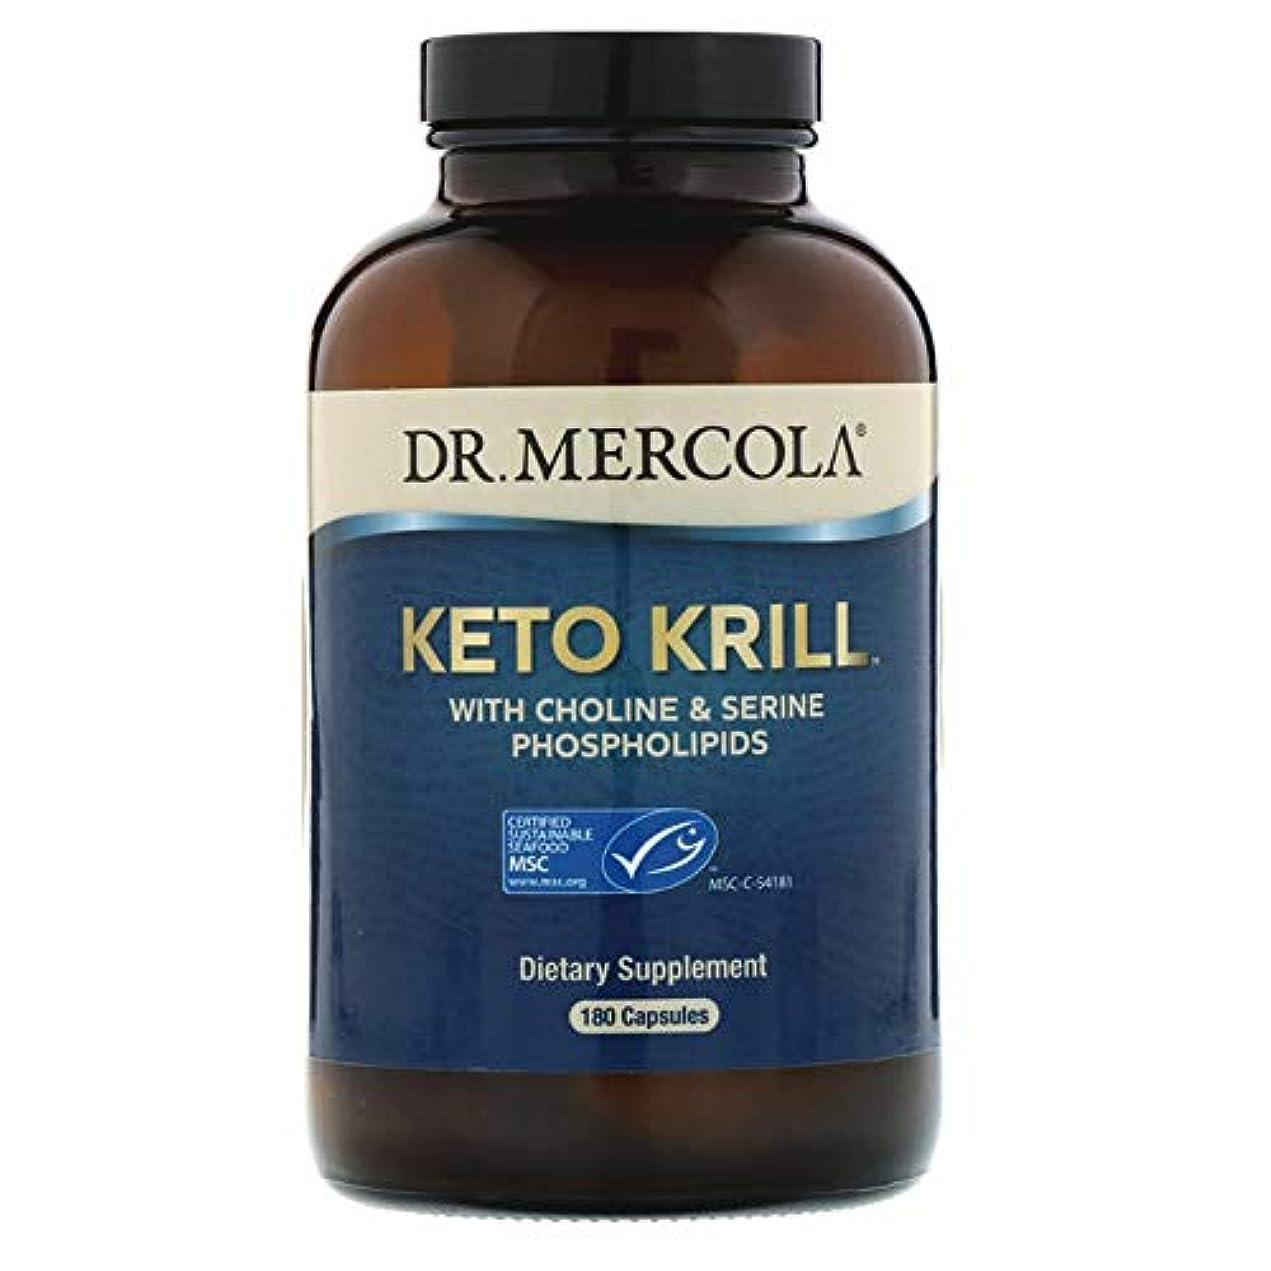 事前に戻る失速Dr Mercola ケトオキアミ コリン セリンリン脂質配合 カプセル 180粒 【アメリカ直送】